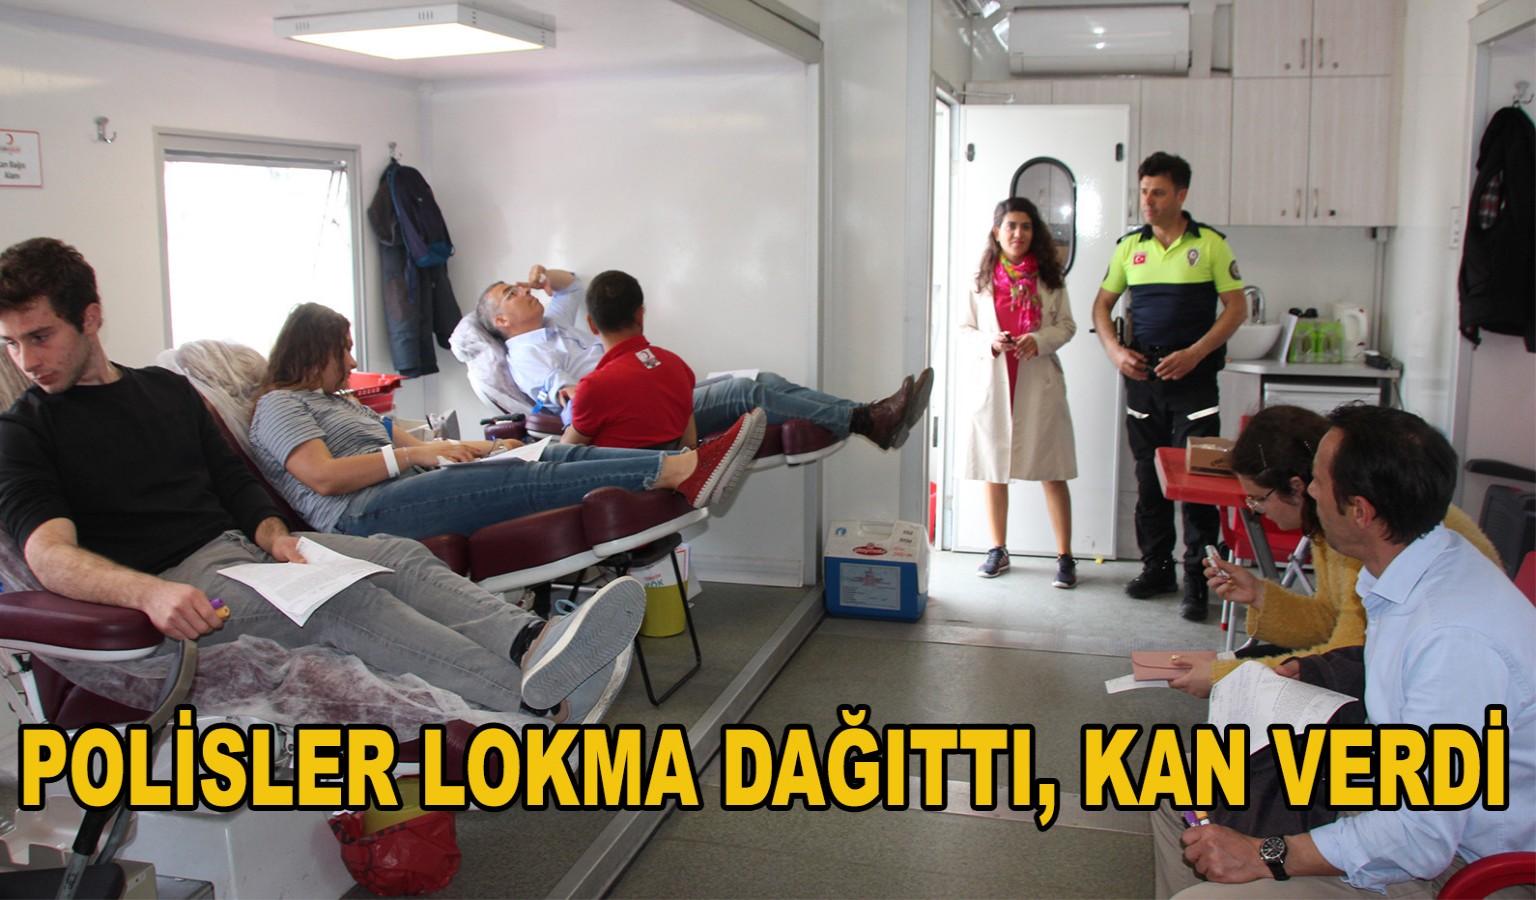 POLİSLER LOKMA DAĞITTI, KAN VERDİ